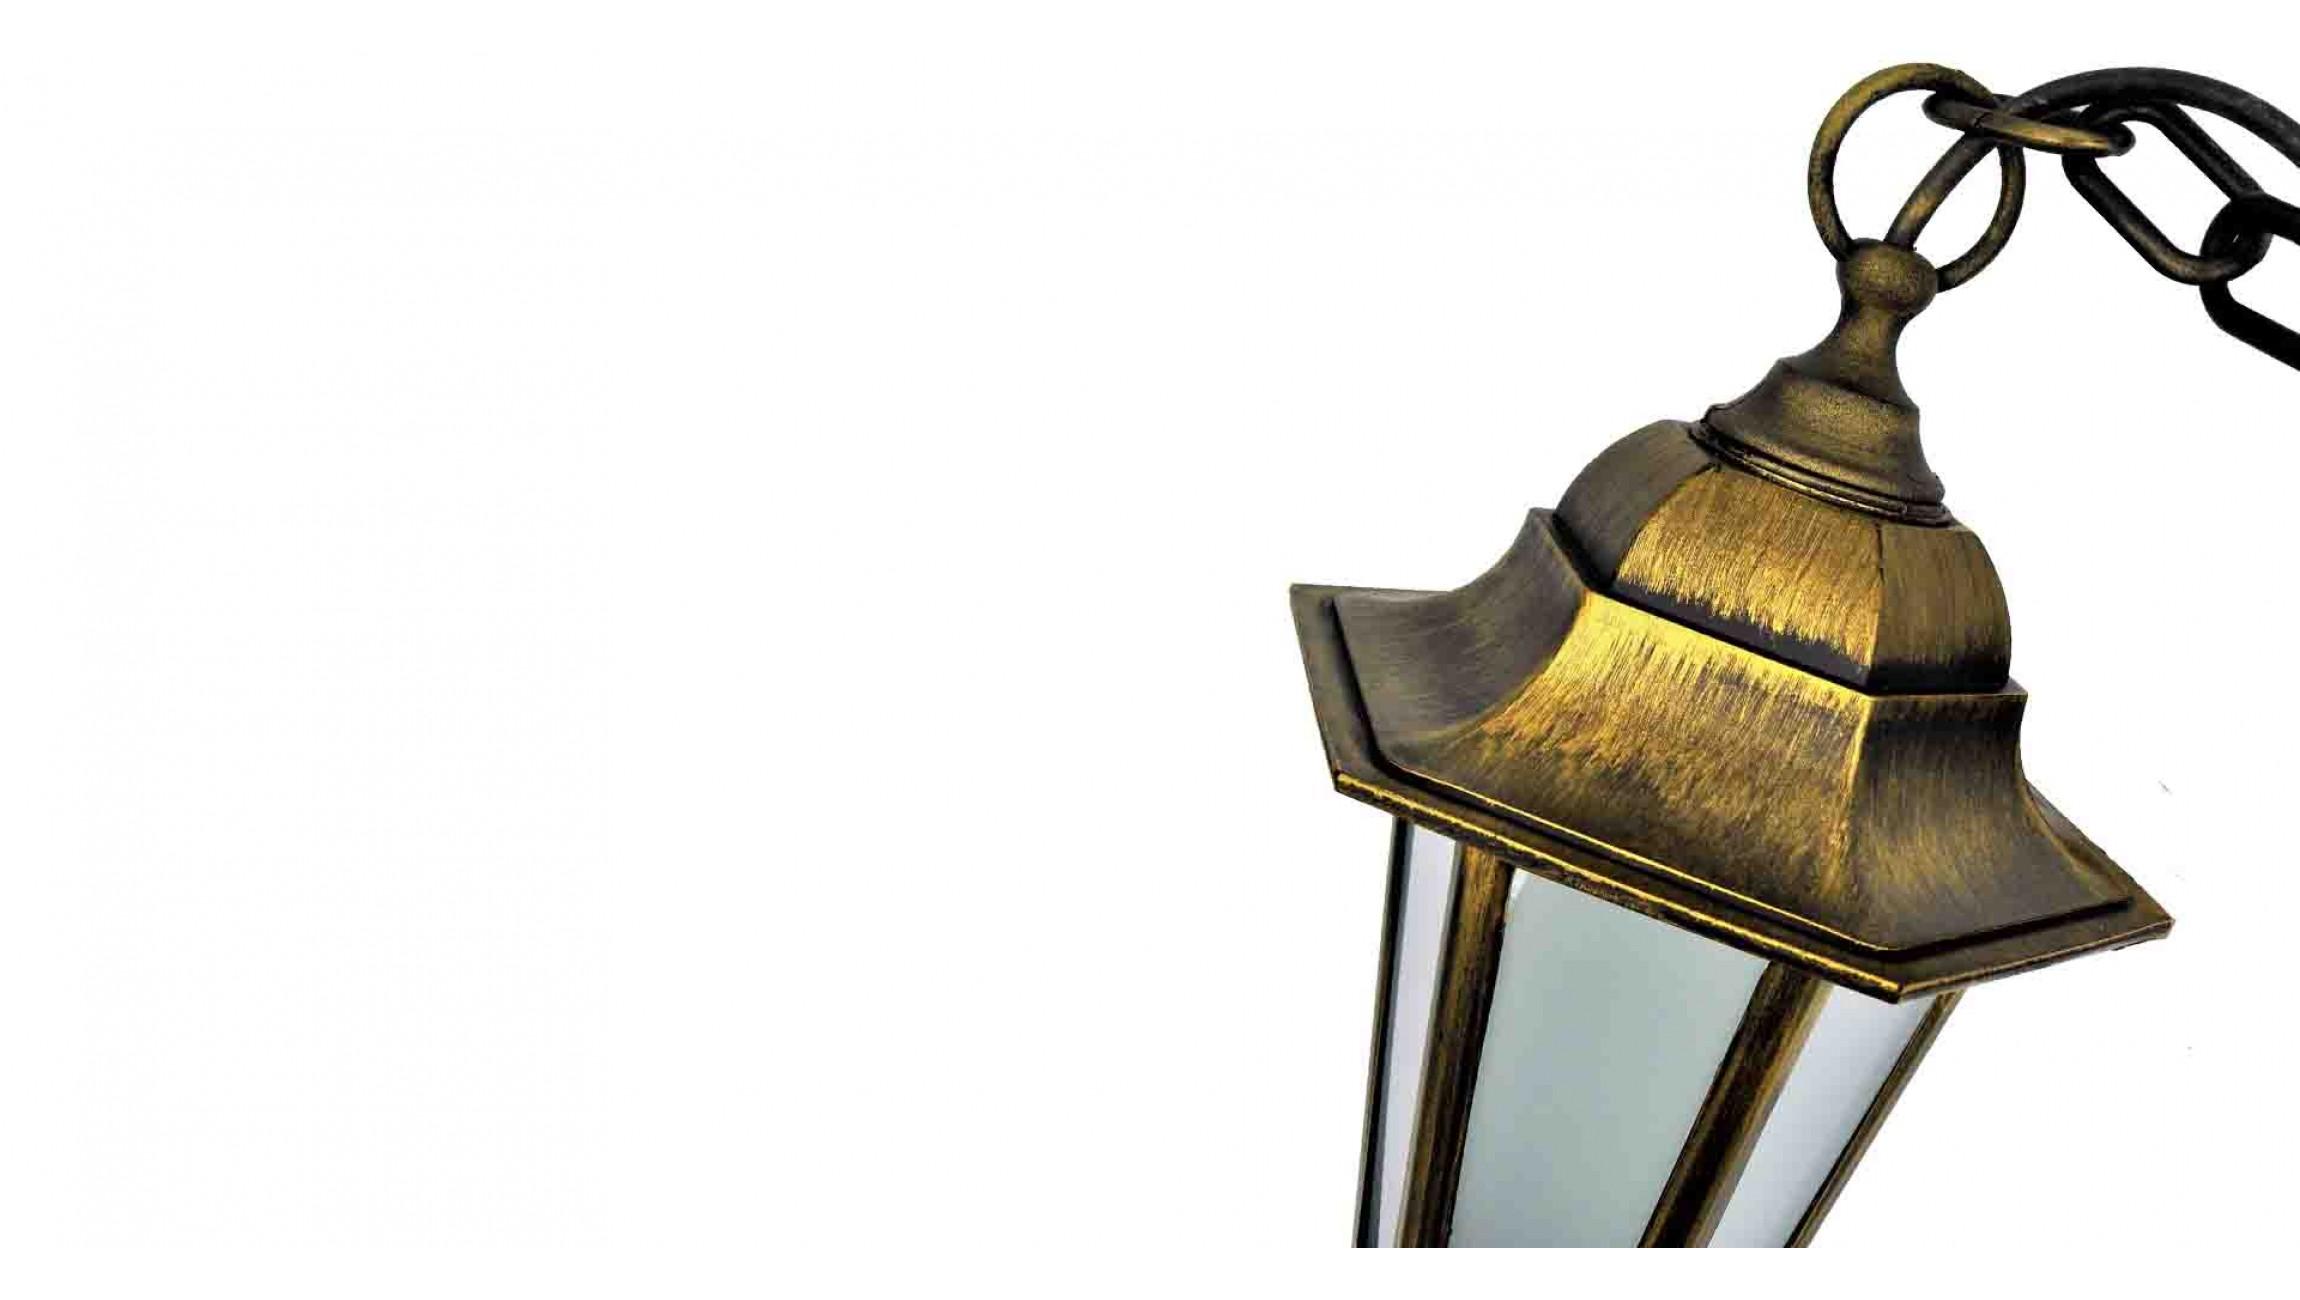 осветление осигуряване на удобство и безопасност